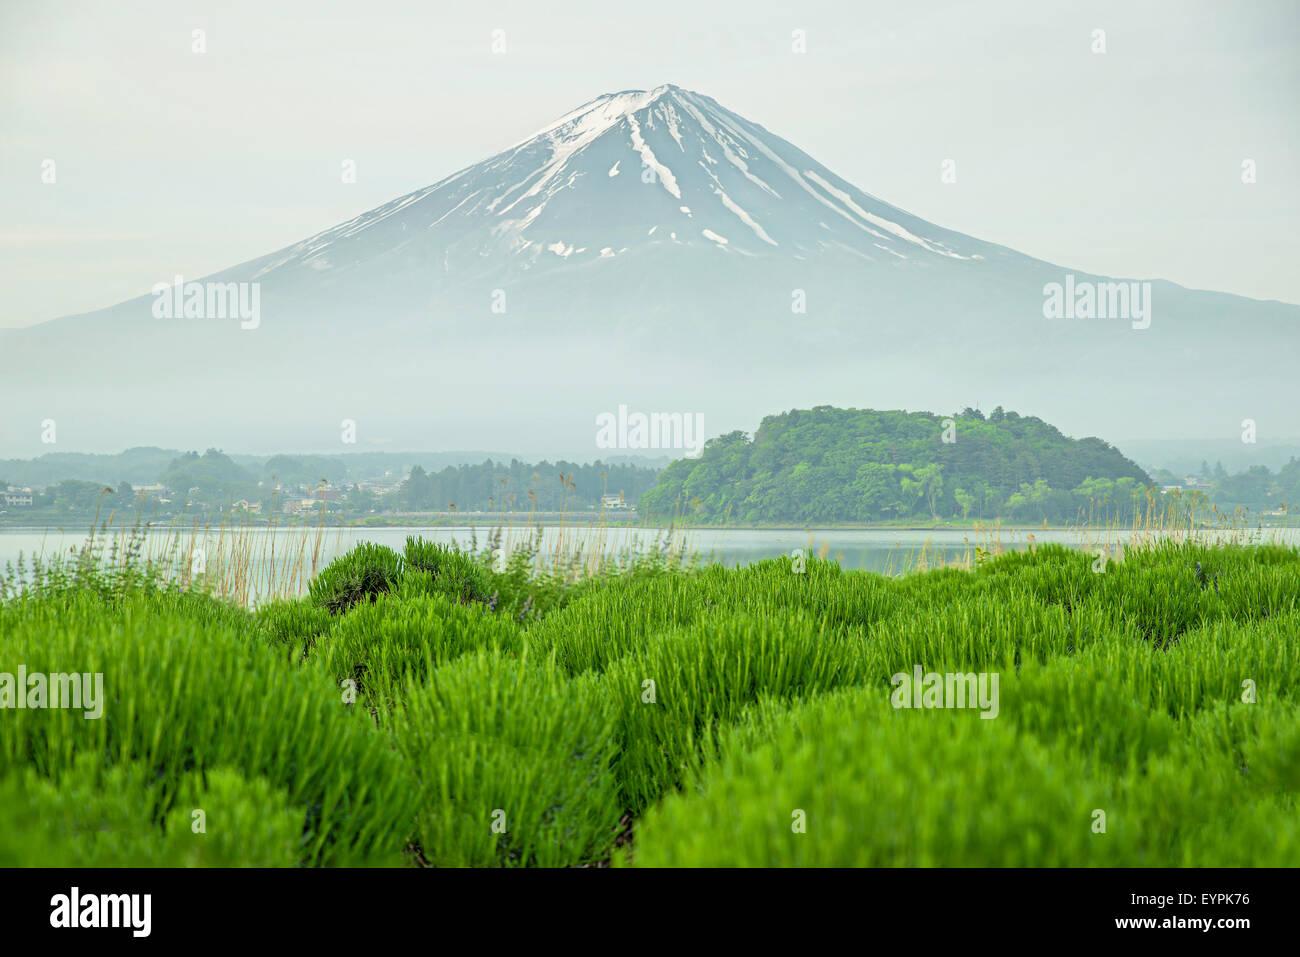 El monte Fuji en mañana en Kawaguchi, Japón Imagen De Stock